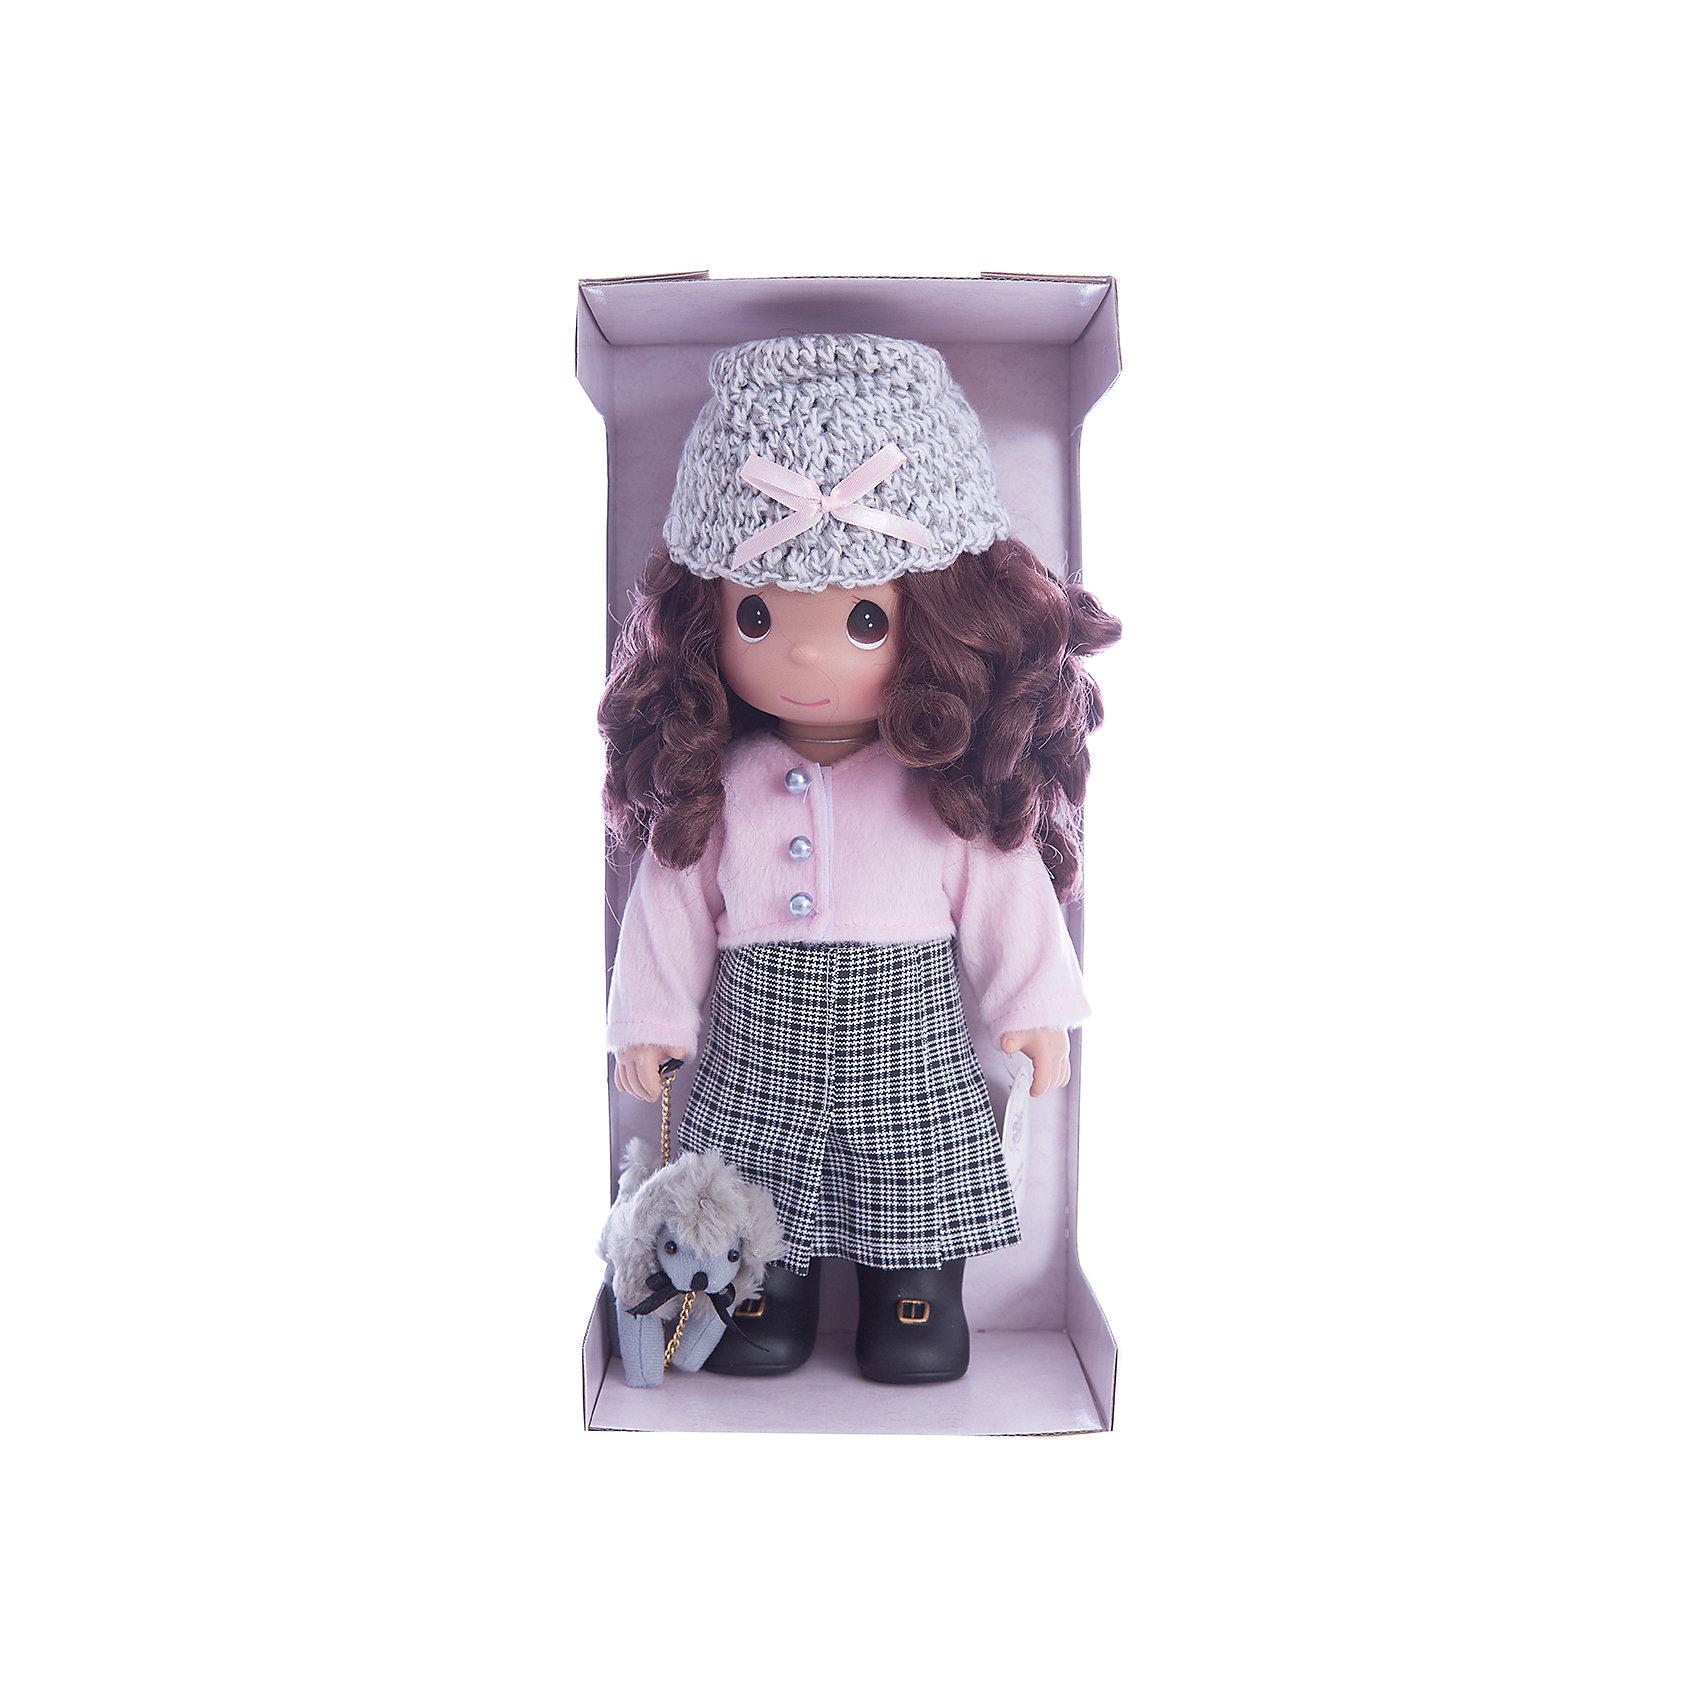 Кукла На прогулке, 30 см, Precious MomentsКлассические куклы<br>Характеристики товара:<br><br>• возраст: от 5 лет;<br>• материал: винил, текстиль;<br>• высота куклы: 30 см;<br>• размер упаковки: 35х18х11 см;<br>• вес упаковки: 430 гр.;<br>• страна производитель: Филиппины.<br><br>Кукла «На прогулке» Precious Moments — коллекционная кукла с выразительными карими глазками и каштановыми кудрявыми волосами. Куколка одета в клетчатую юбку, розовую кофту и вязаную шапочку.<br><br>Она отправляется на прогулку вместе со своим питомцем — забавным серым щеночком. У куклы имеются подвижные детали. Она выполнена из качественного безопасного материала.<br><br>Куклу «На прогулке» Precious Moments можно приобрести в нашем интернет-магазине.<br><br>Ширина мм: 140<br>Глубина мм: 300<br>Высота мм: 80<br>Вес г: 428<br>Возраст от месяцев: 36<br>Возраст до месяцев: 2147483647<br>Пол: Женский<br>Возраст: Детский<br>SKU: 5482500